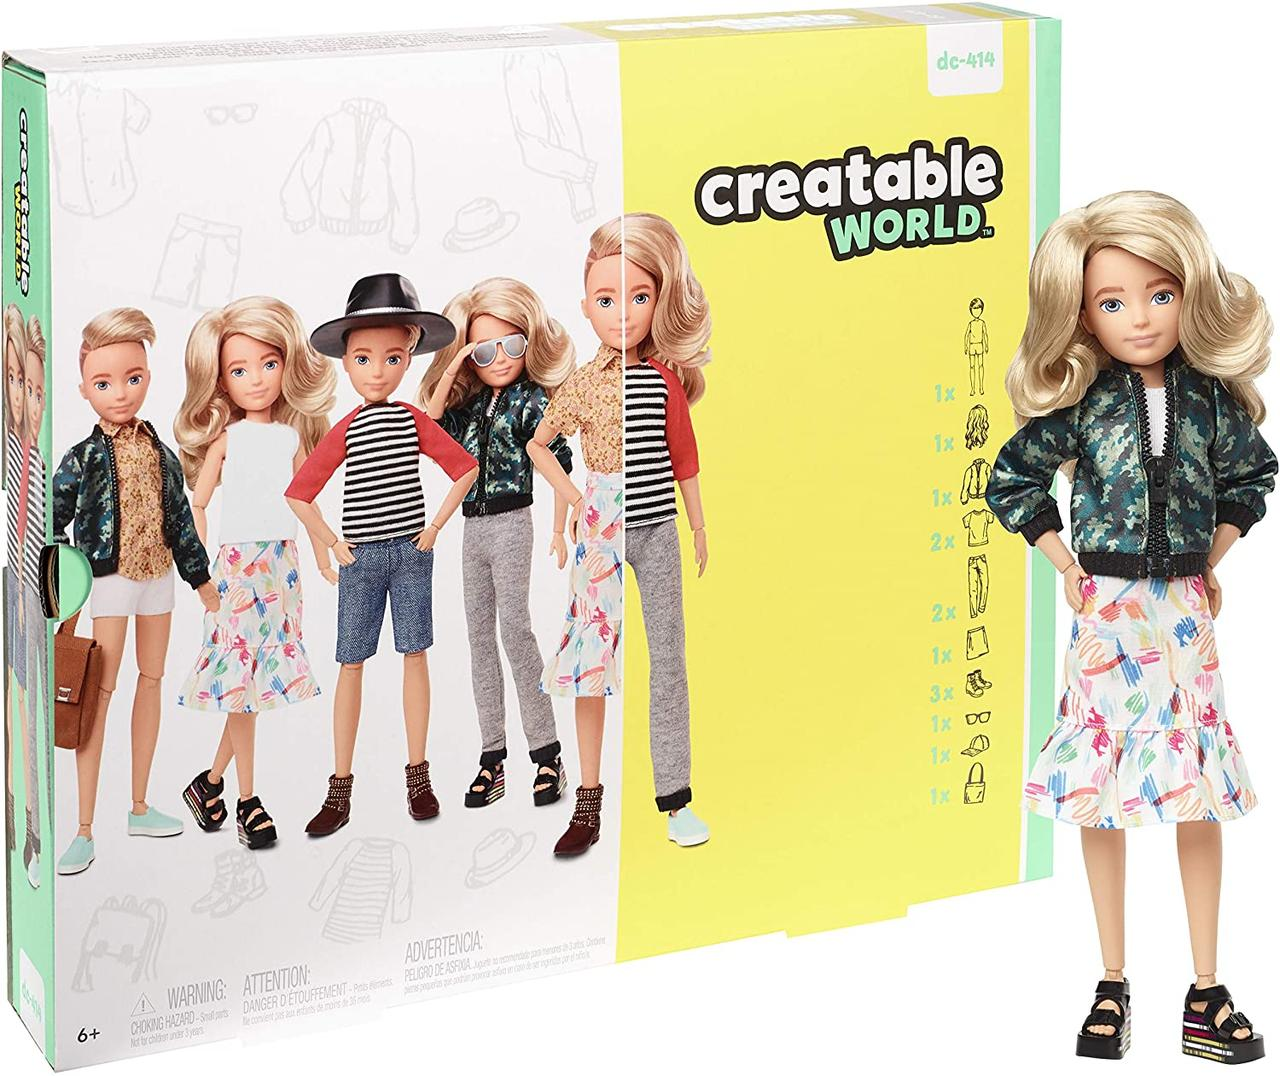 Набор из серии Создаваемый мир Оригинал кукла со светлыми волнистыми волосами (GGT67) (887961787030)